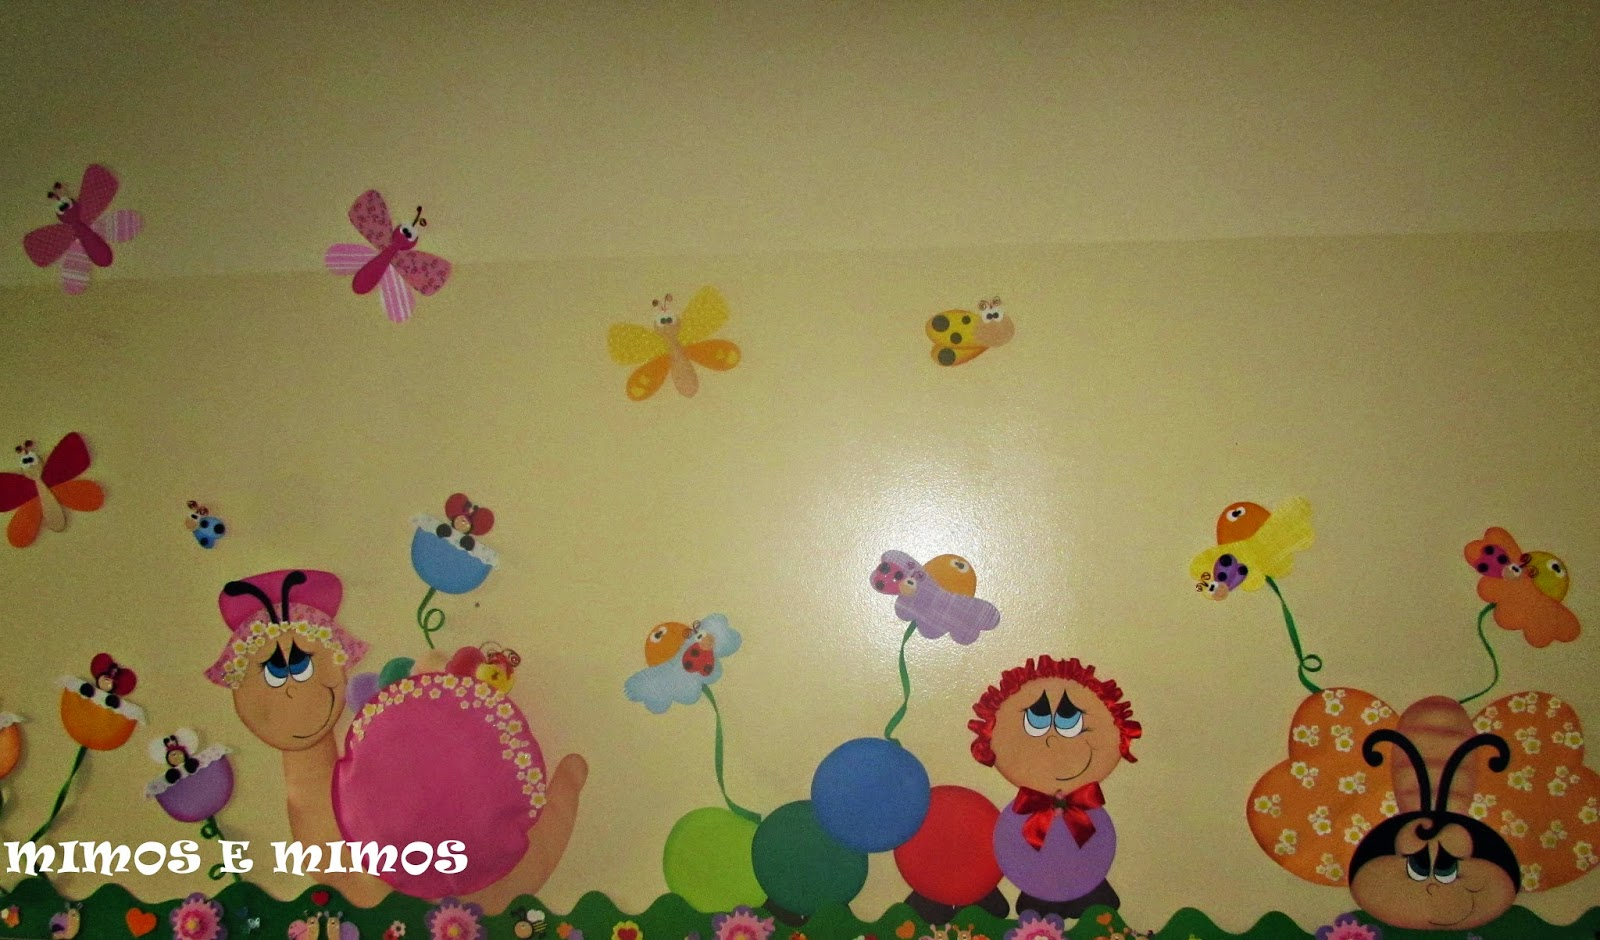 decoracao sala de aula jardim encantado:Mimos e mimos: PAINEL DE SALA DE AULA TEMA JARDIM ENCANTADO